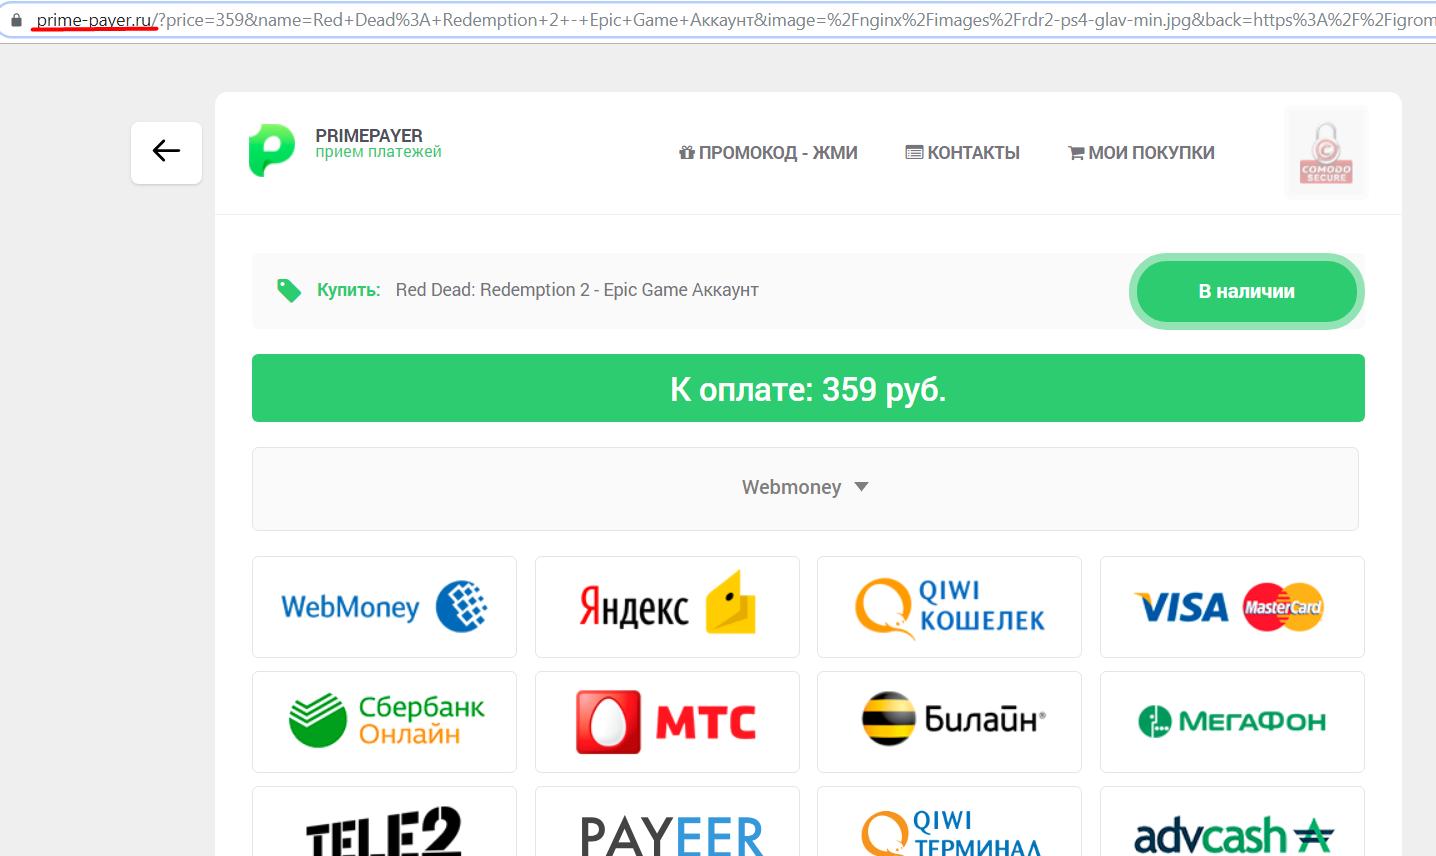 Переход на prime-payer.ru